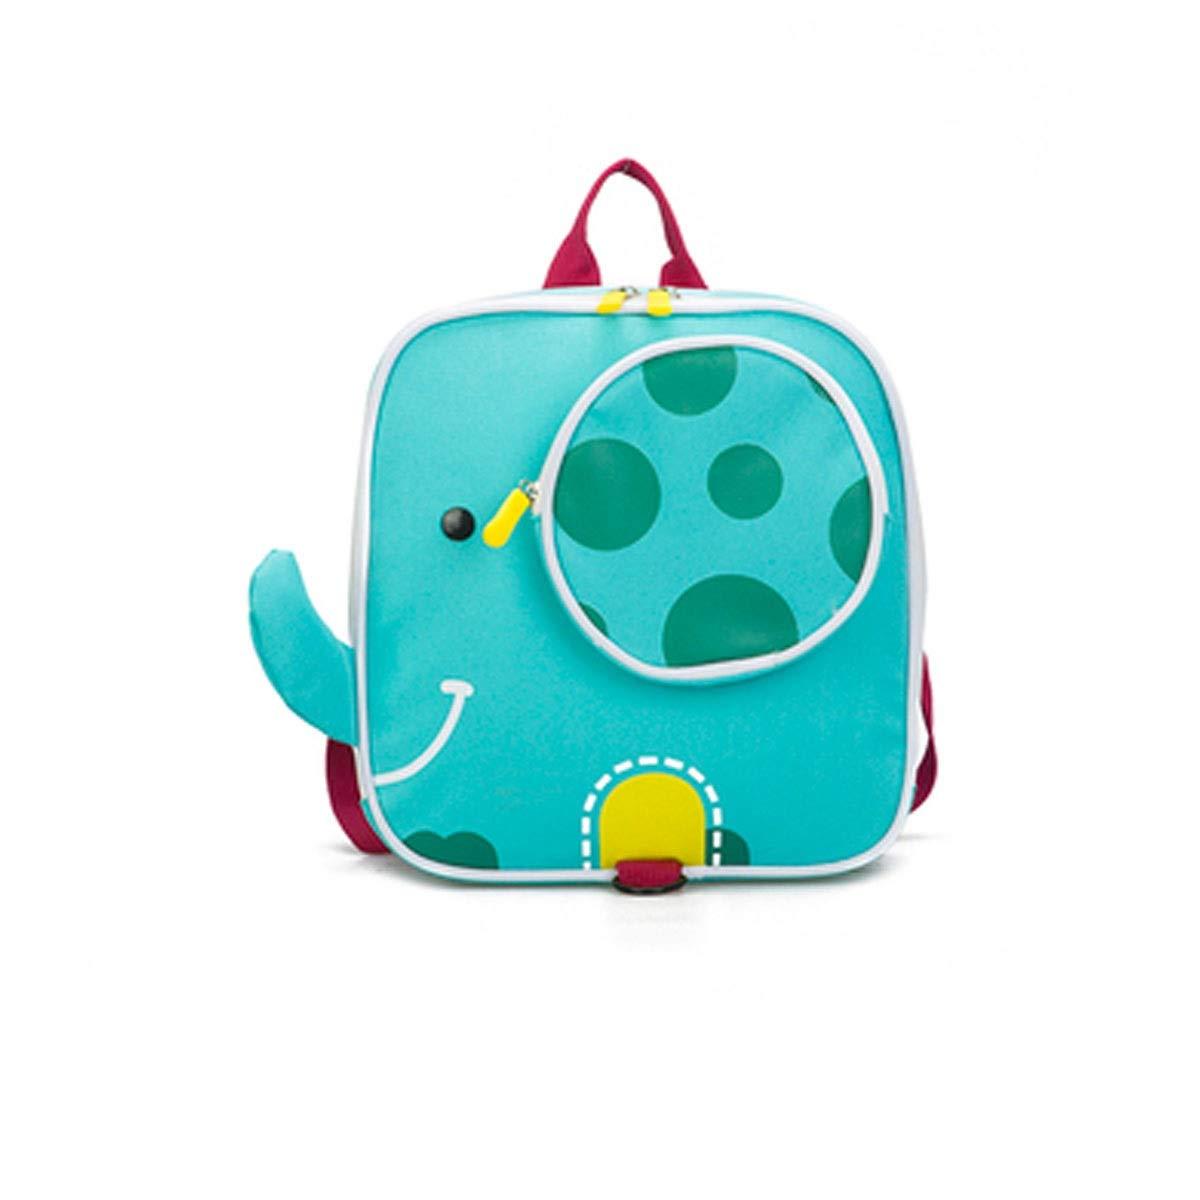 Jinnuotong スクールバッグ 学生バッグ 耐摩耗性防水バックパック 3歳~7歳のお子様 24cm 10cm 30cm 青いかわいい(サイズ:241028cm スタイル:A3) B07QNWW74W